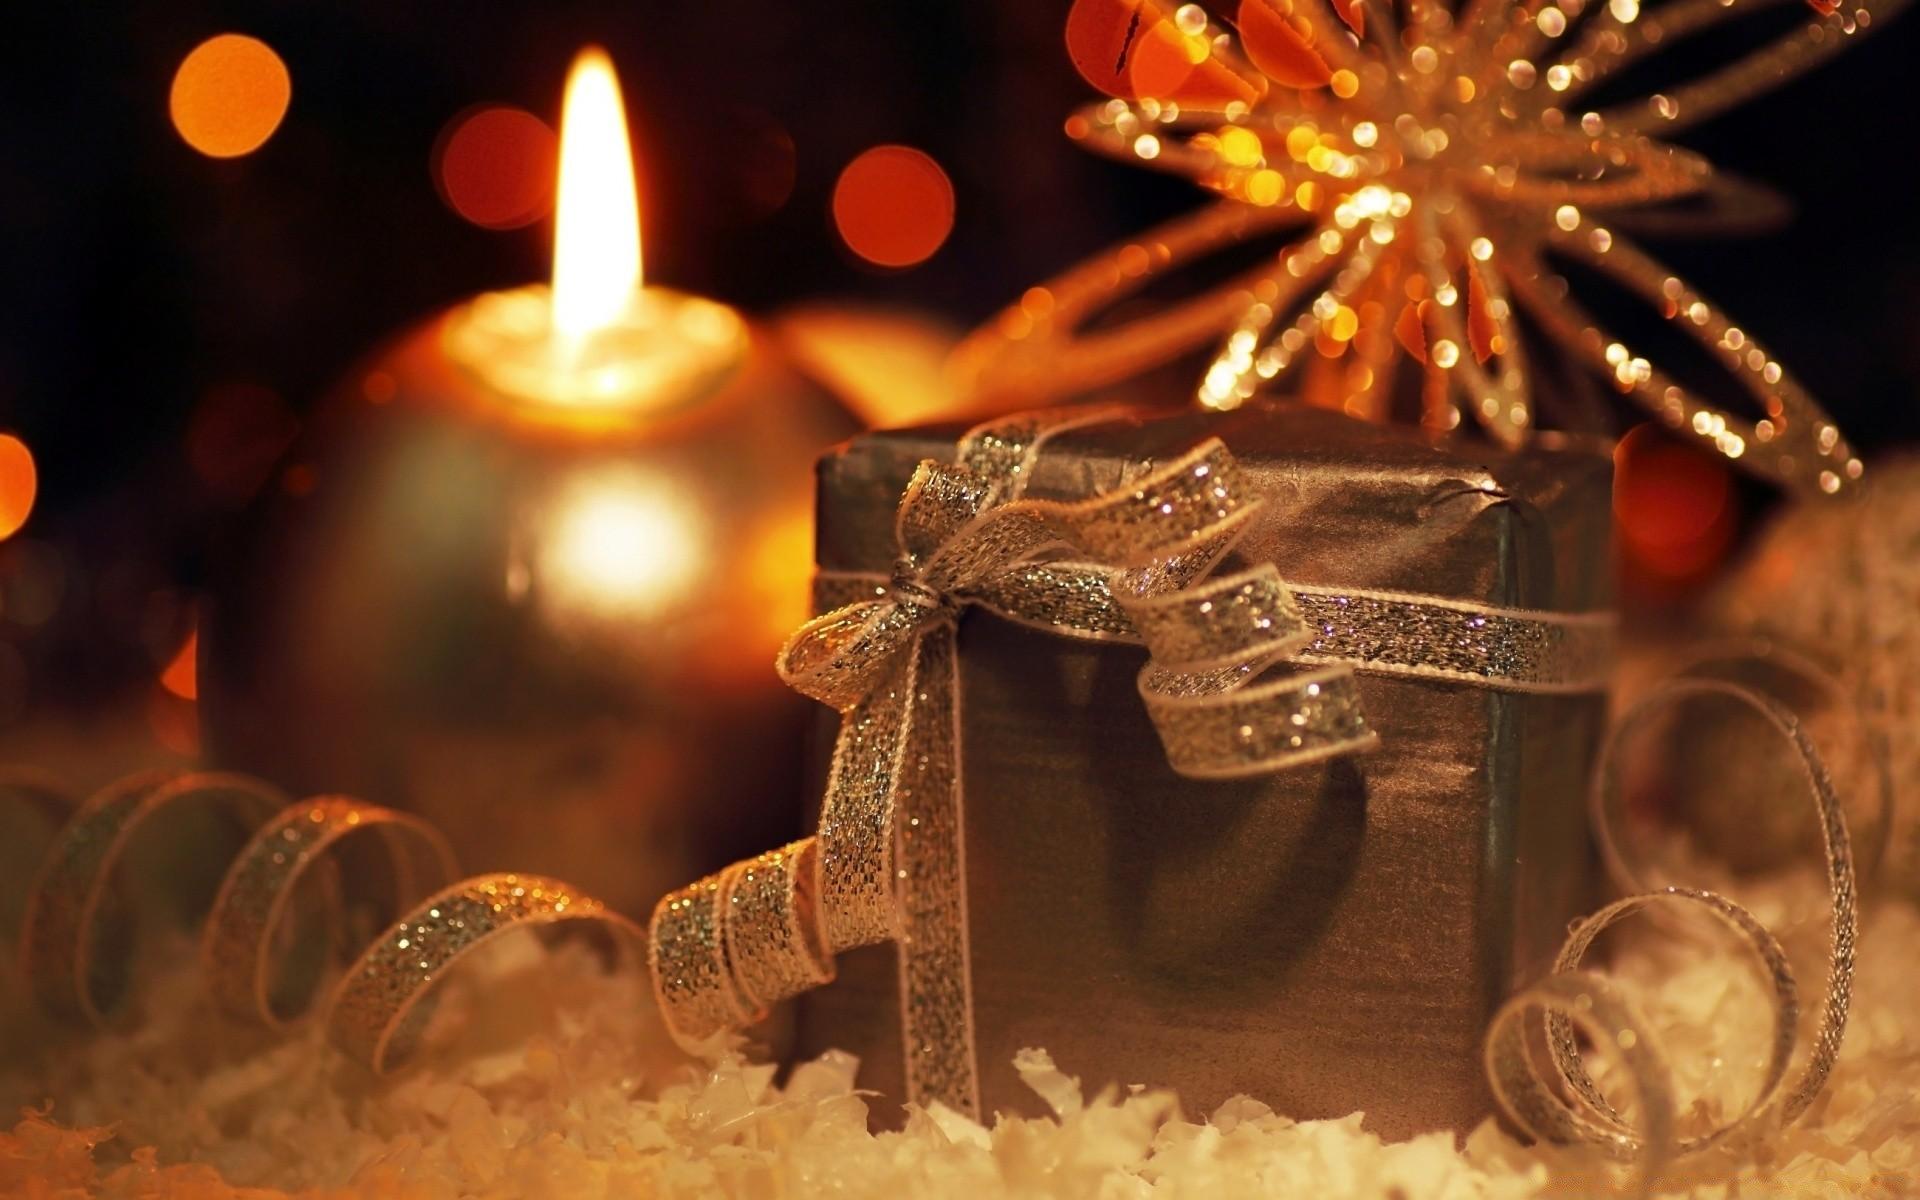 Лица картинки, красивые картинки с новым годом и рождеством христовым